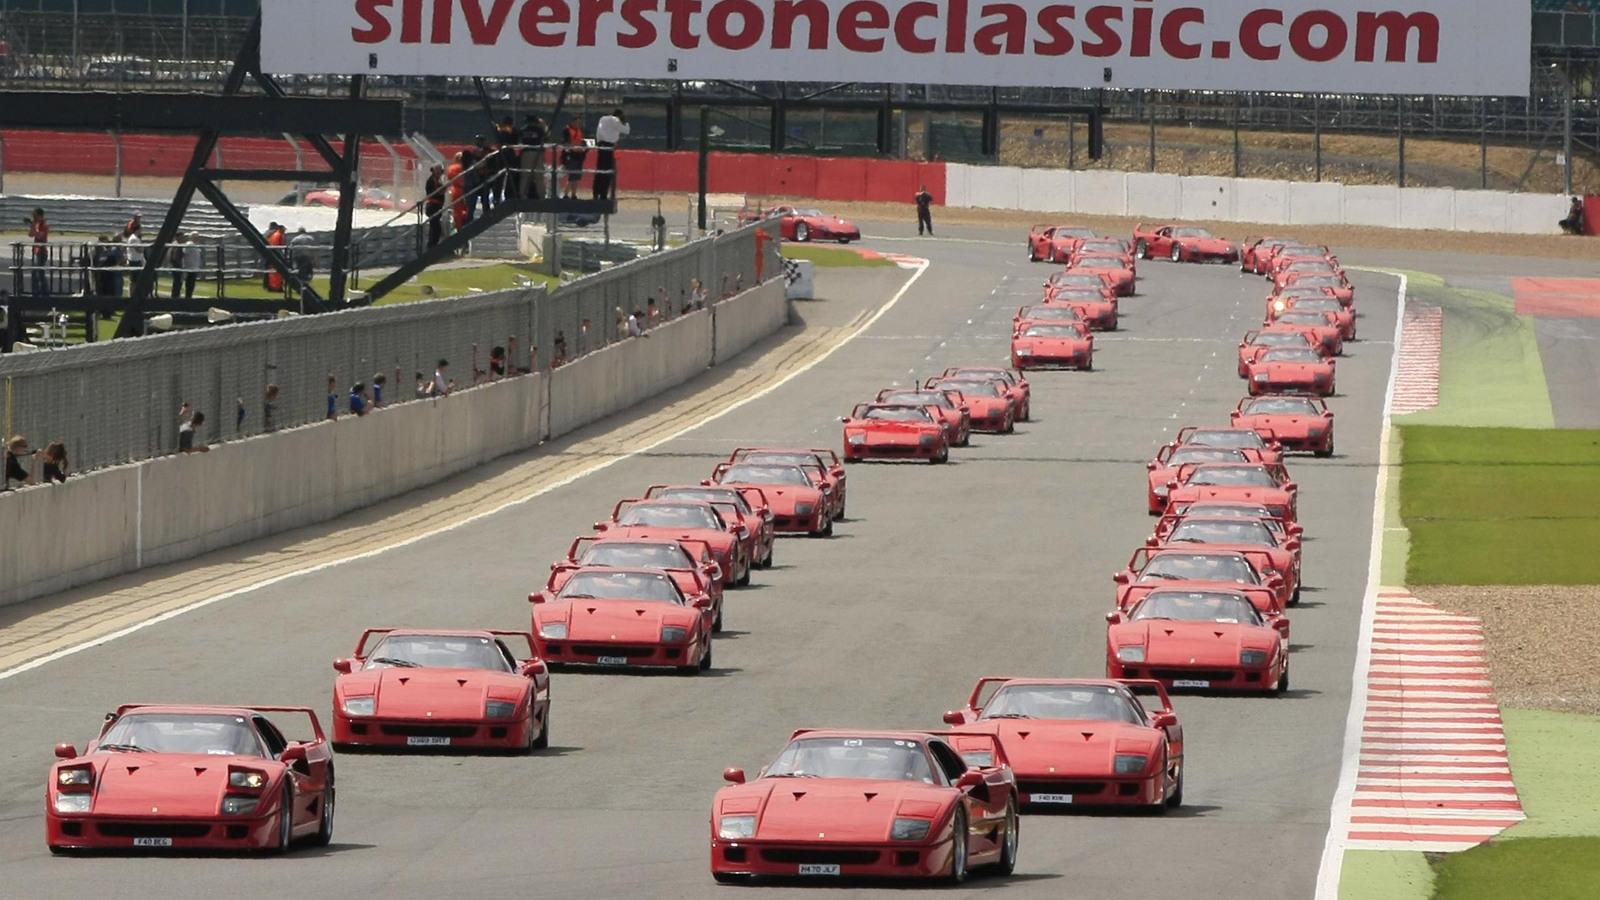 Record gathering of 60 Ferrari F40s attend 2012 Silverstone Classic